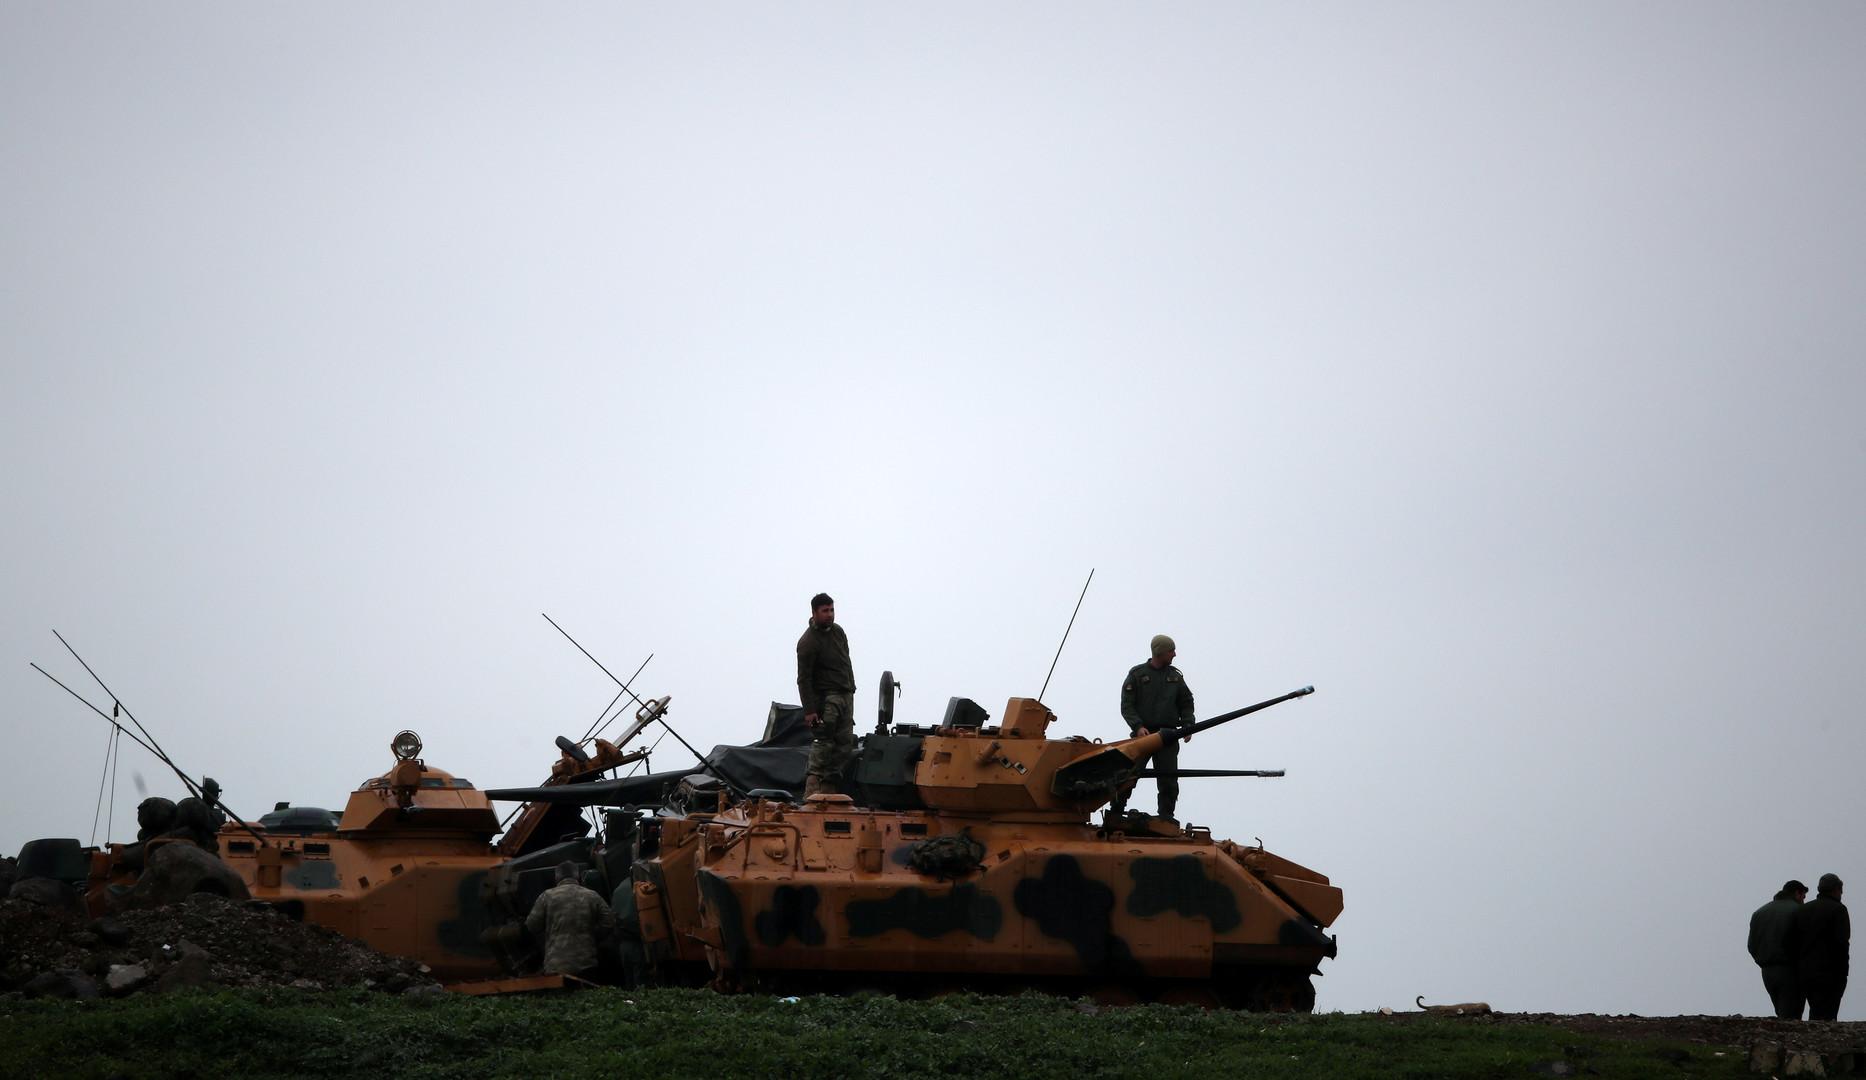 وصول وفد أمريكي إلى أنقرة في محاولة لثني تركيا عن عمليتها شمال سوريا